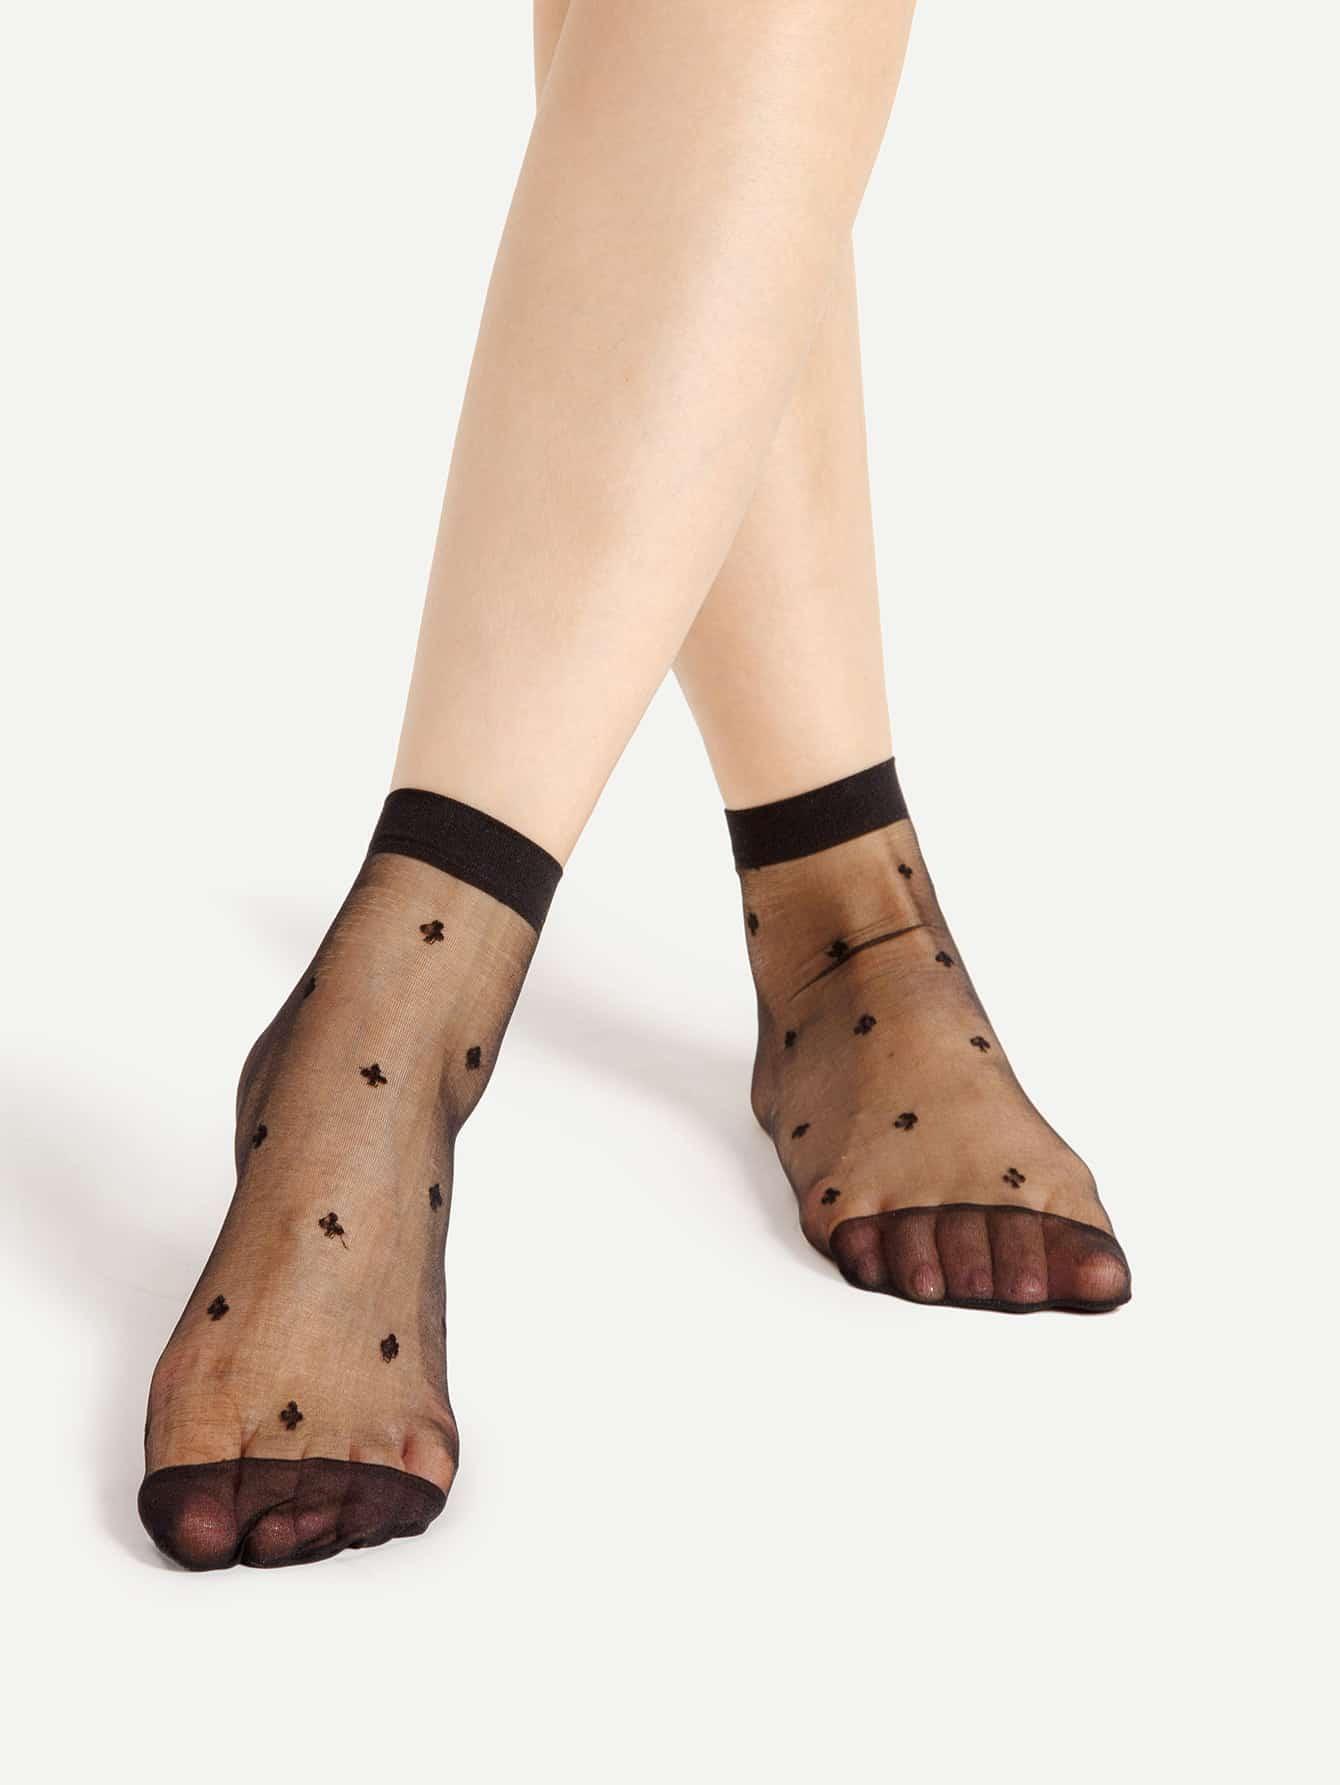 Sheer Mesh Ankle Socks 2pairs